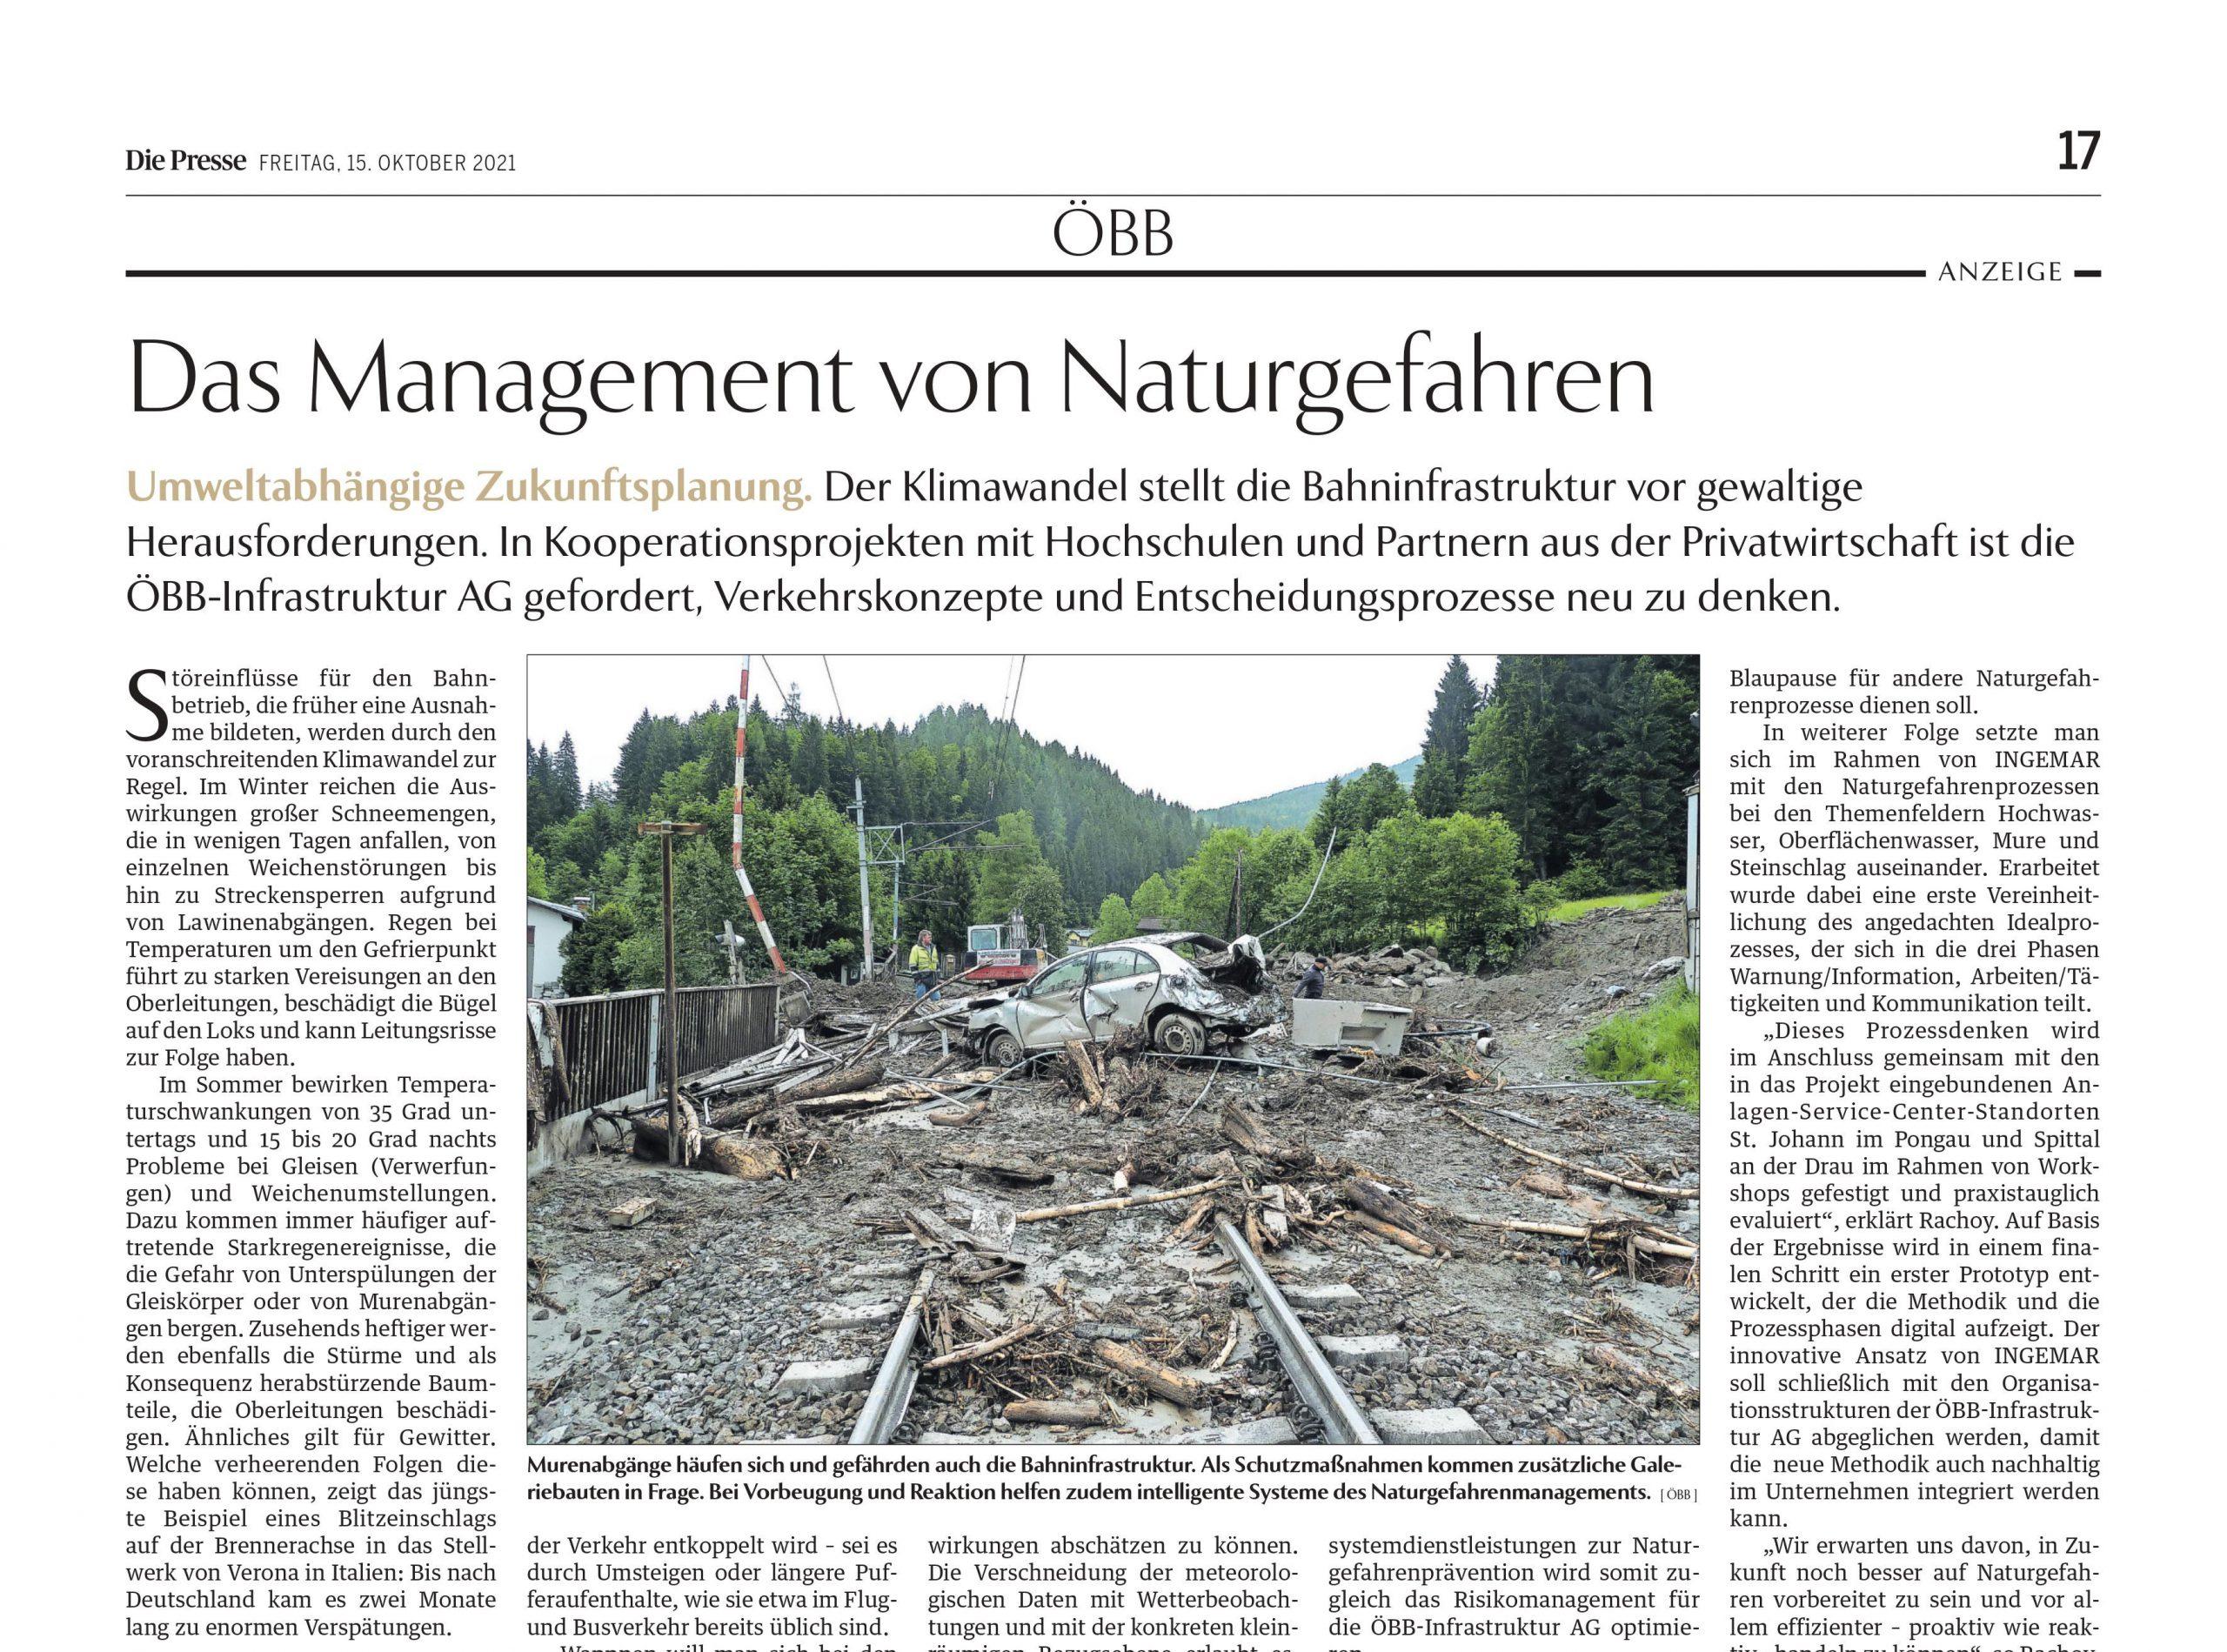 DiePresse_20211015_Naturgefahrenmanagement_OEBB_Ausschnitt